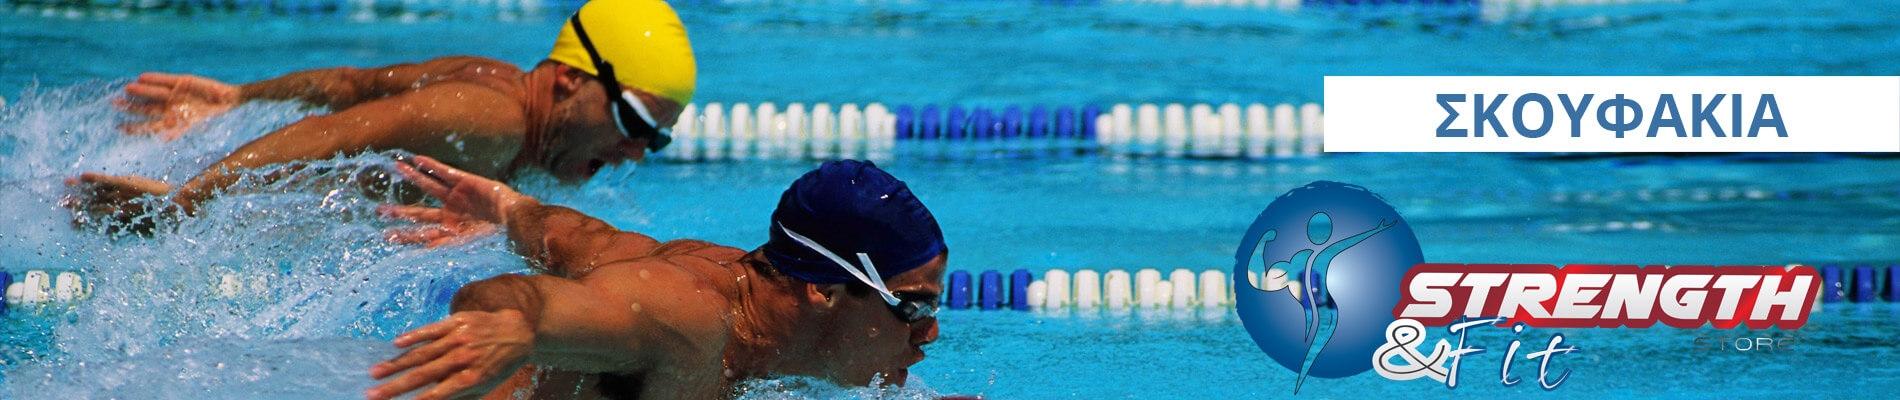 Σκουφάκια Κολύμβησης